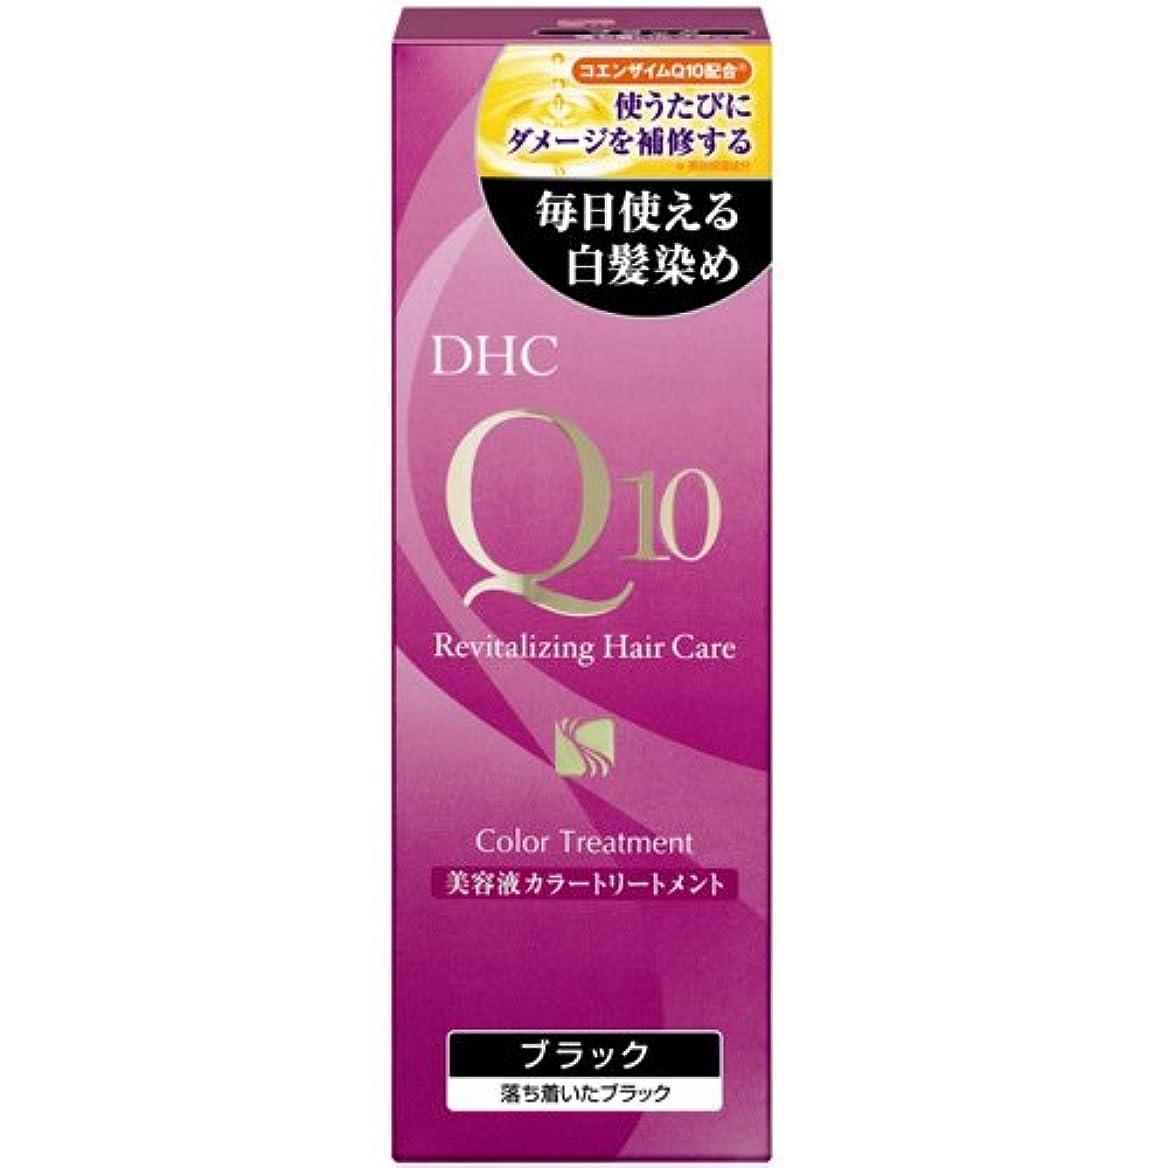 ジャンク悪夢まぶしさDHC Q10美溶液カラートリートメントブラックSS170g